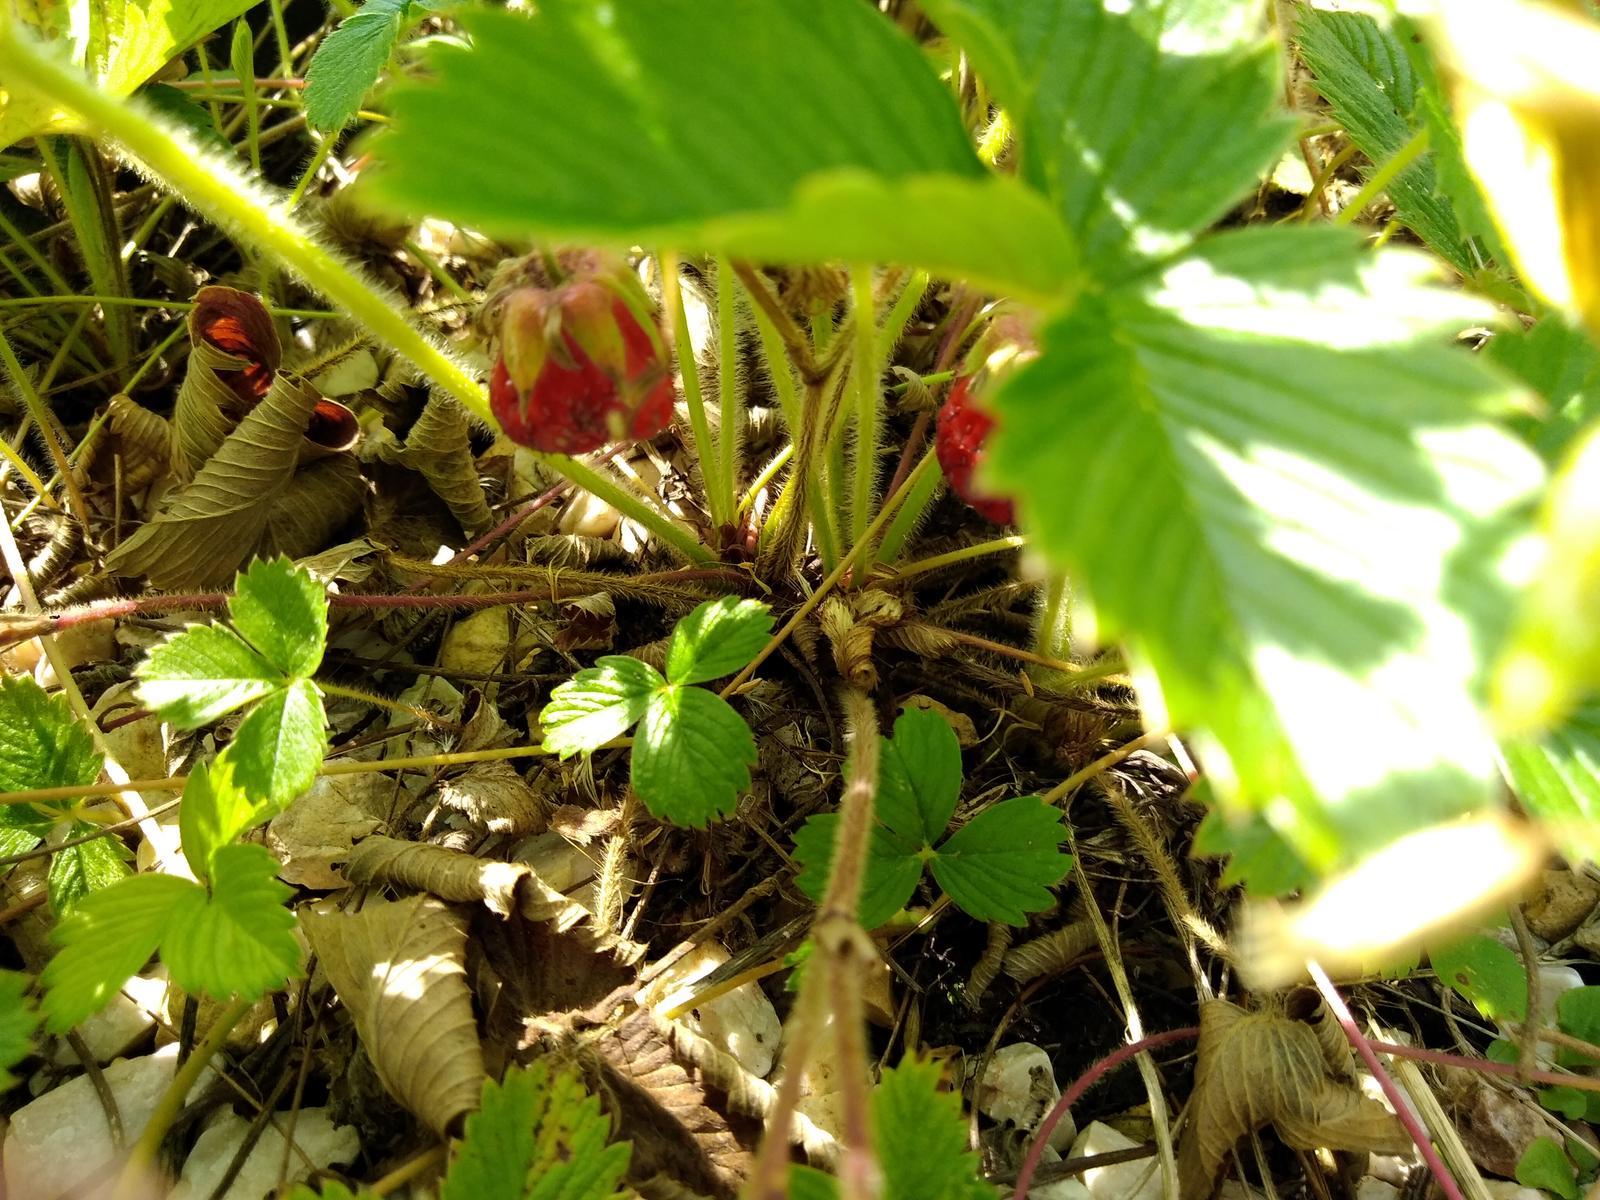 Jahoda mesačná (odroda lesnej jahody) - Obrázok č. 2